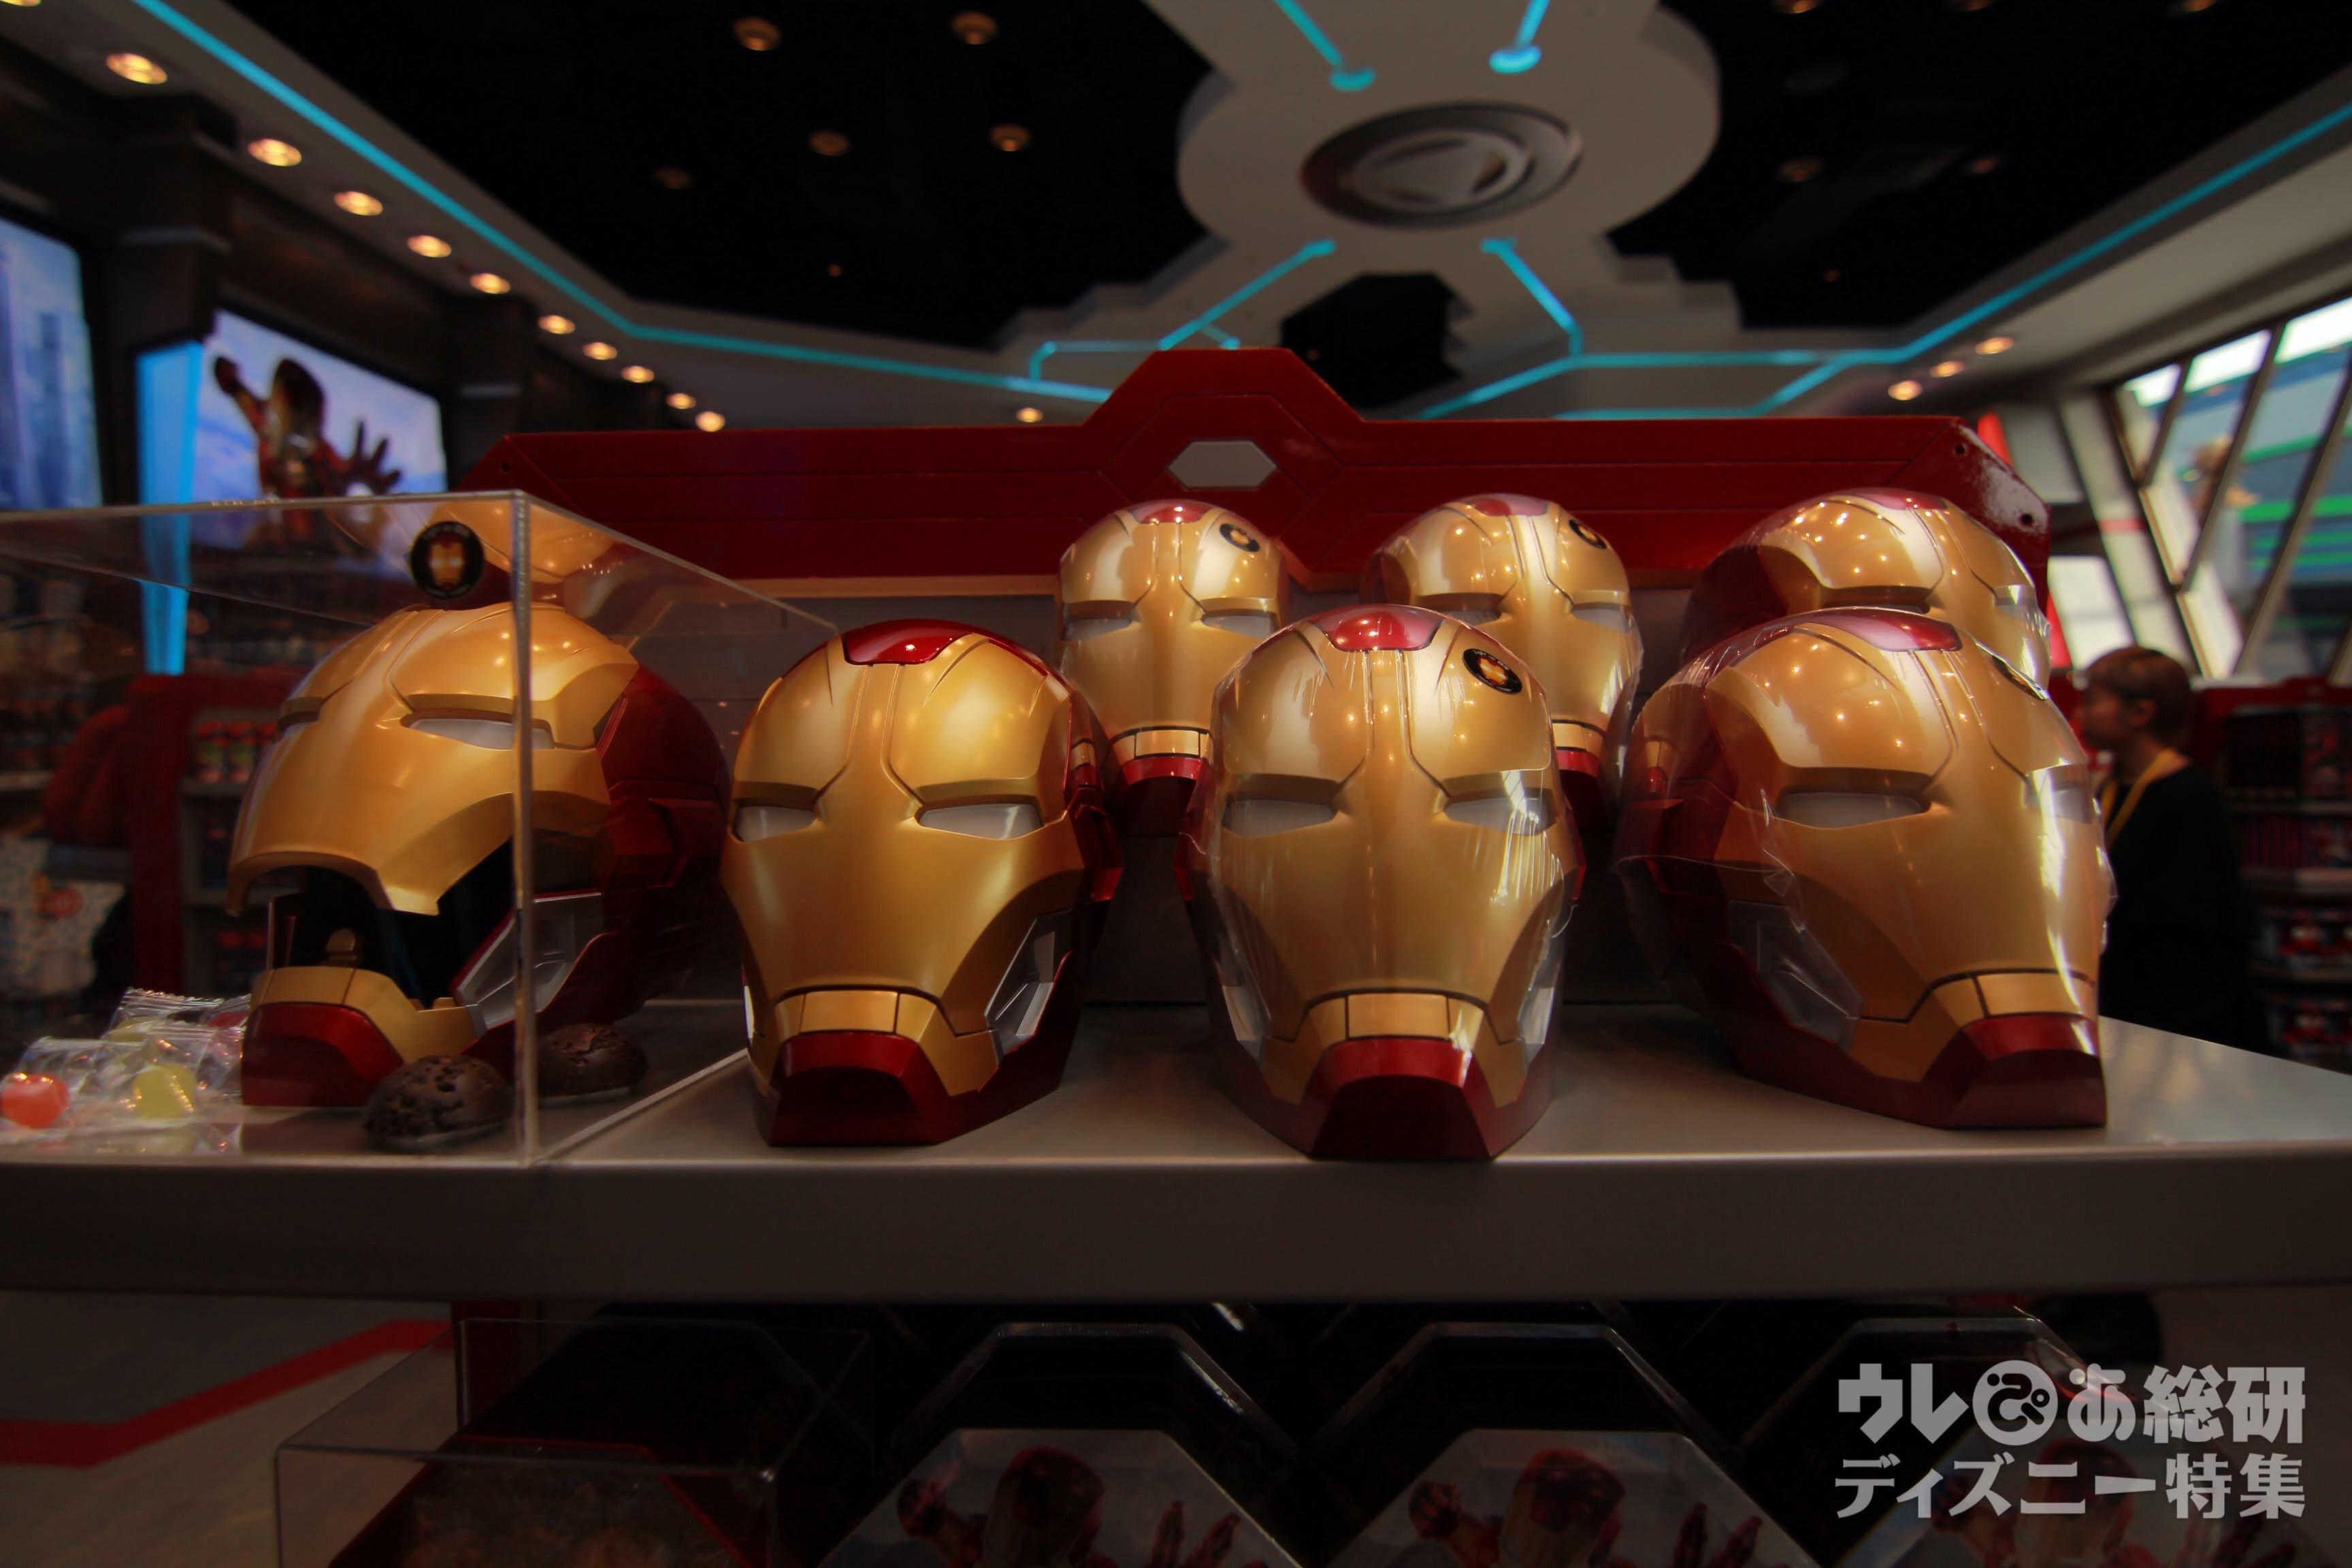 香港ディズニー】スーパーヒーロー着地で登場! アイアンマンと